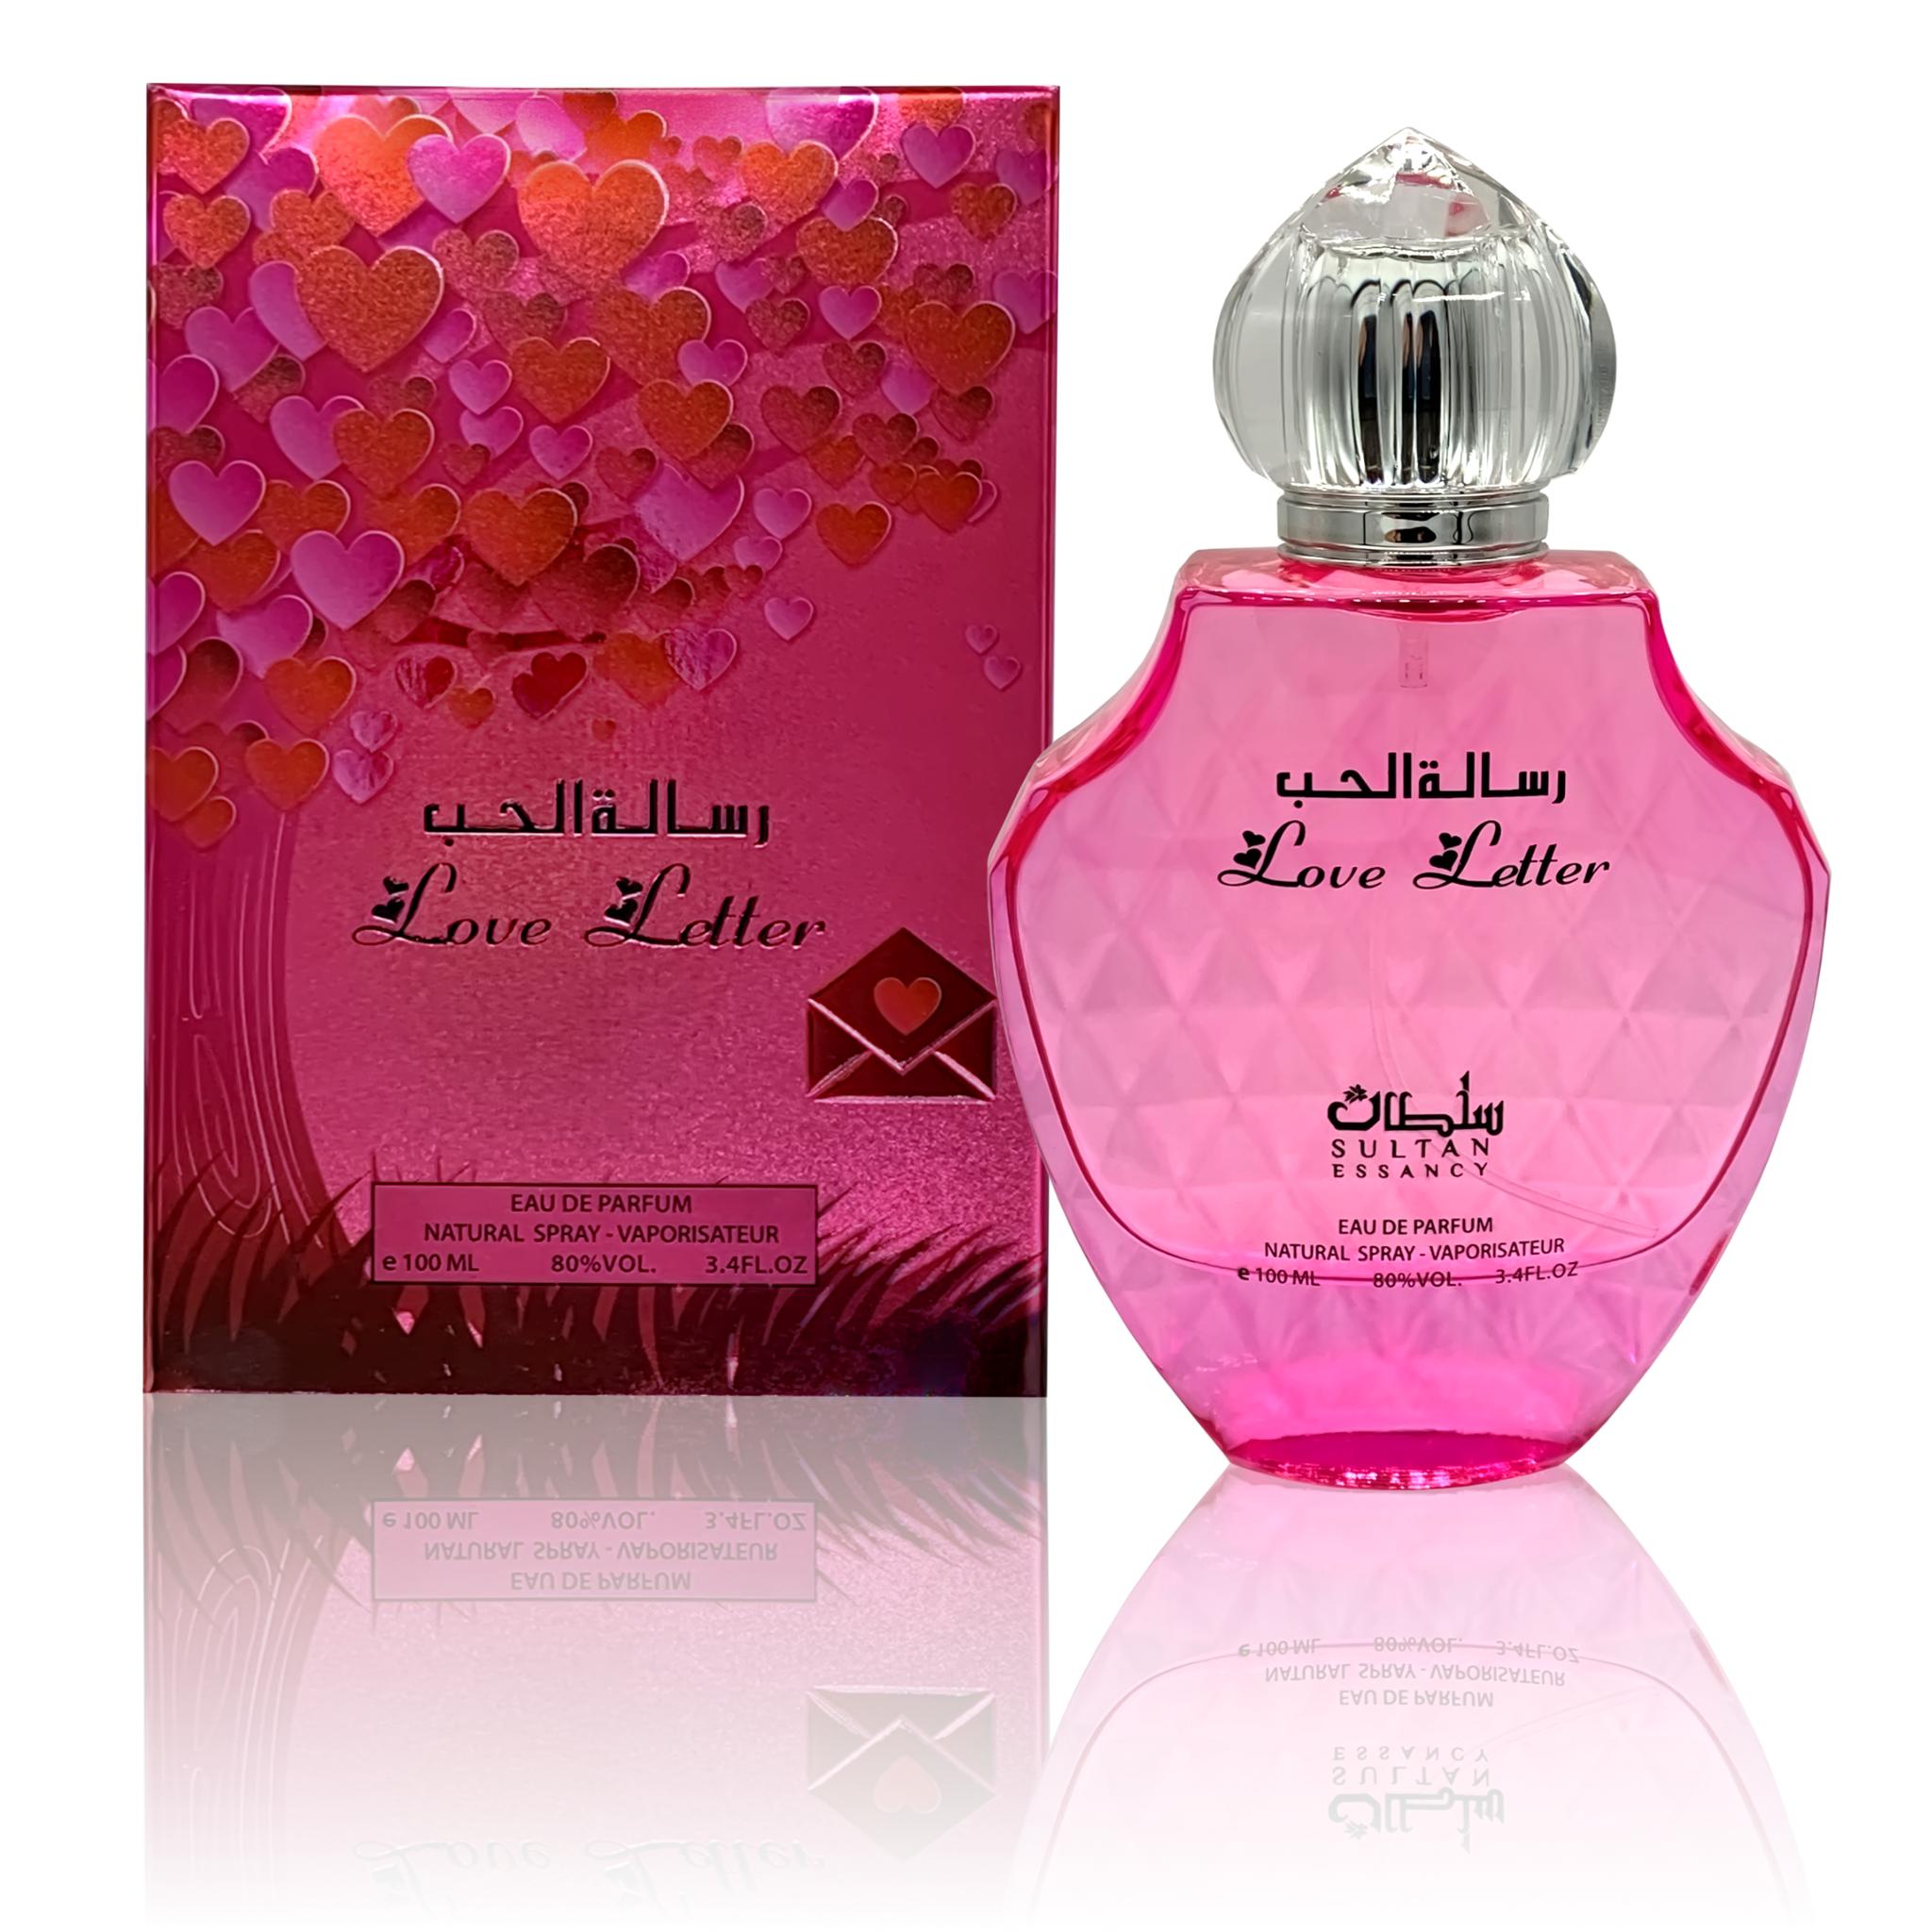 Parfüm Love Letter Eau de Perfume von Sultan Essancy